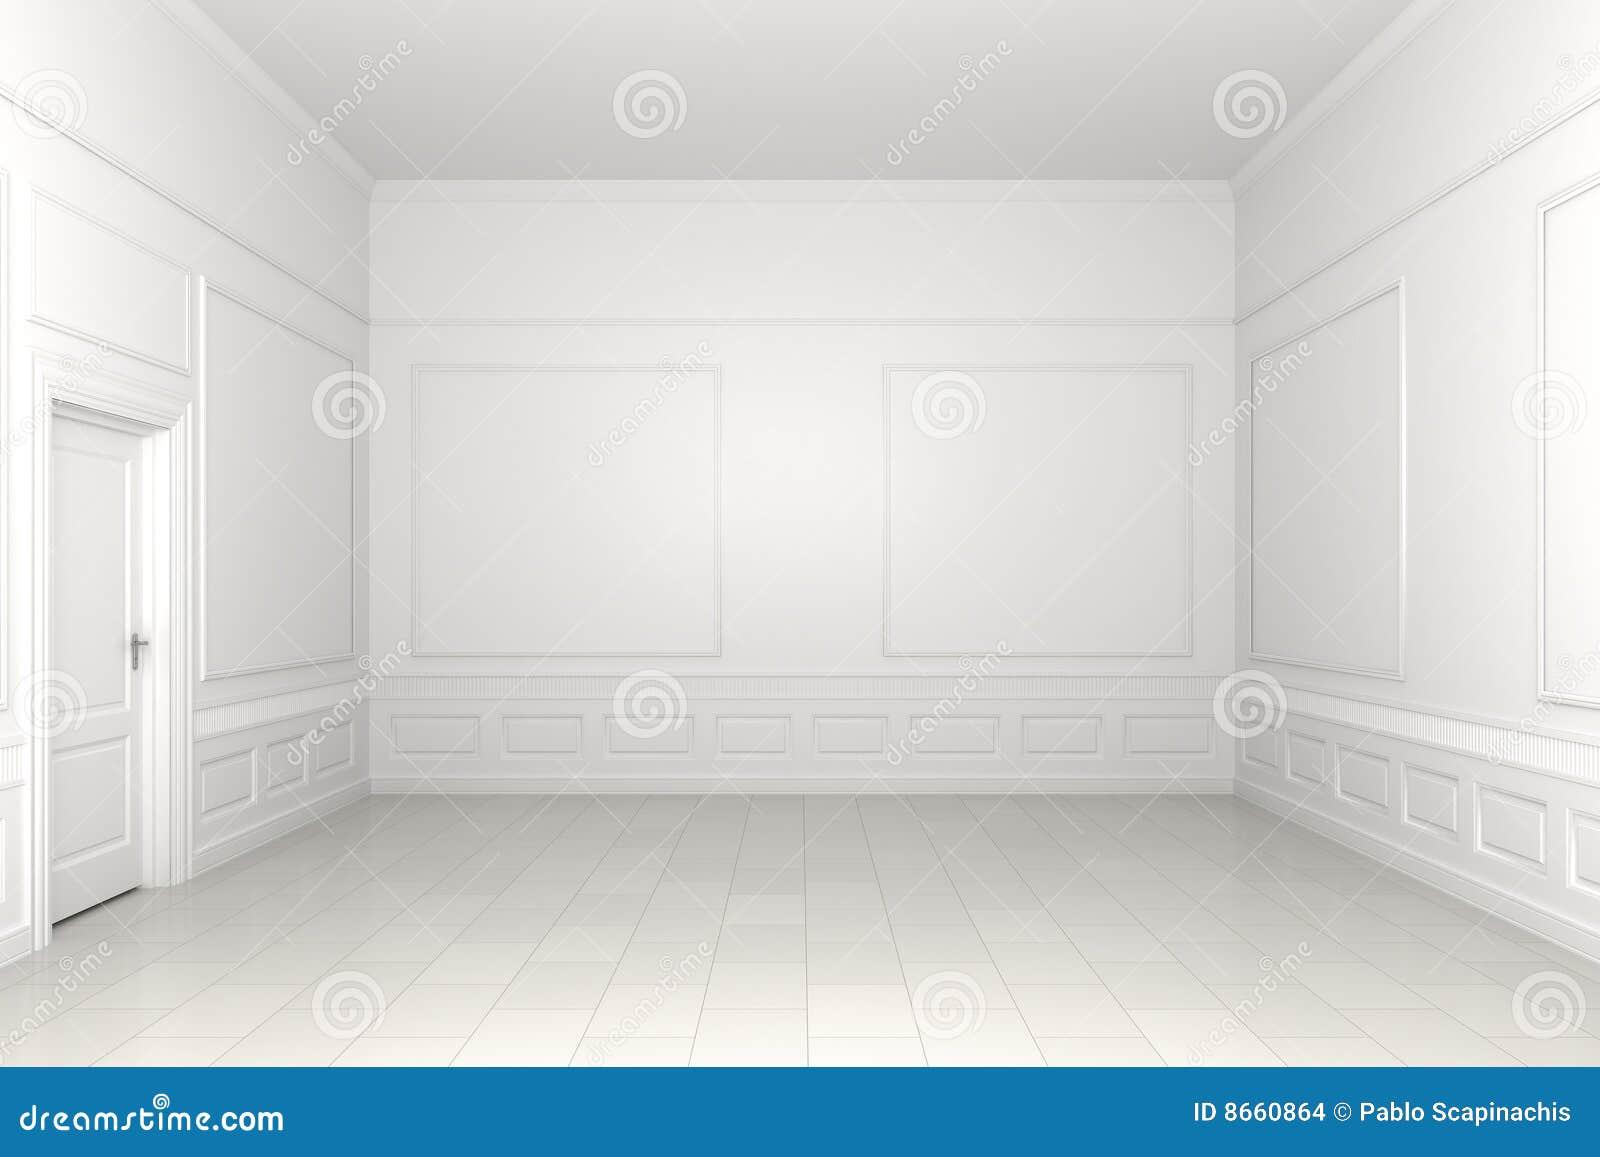 Leeren Sie weißen Raum